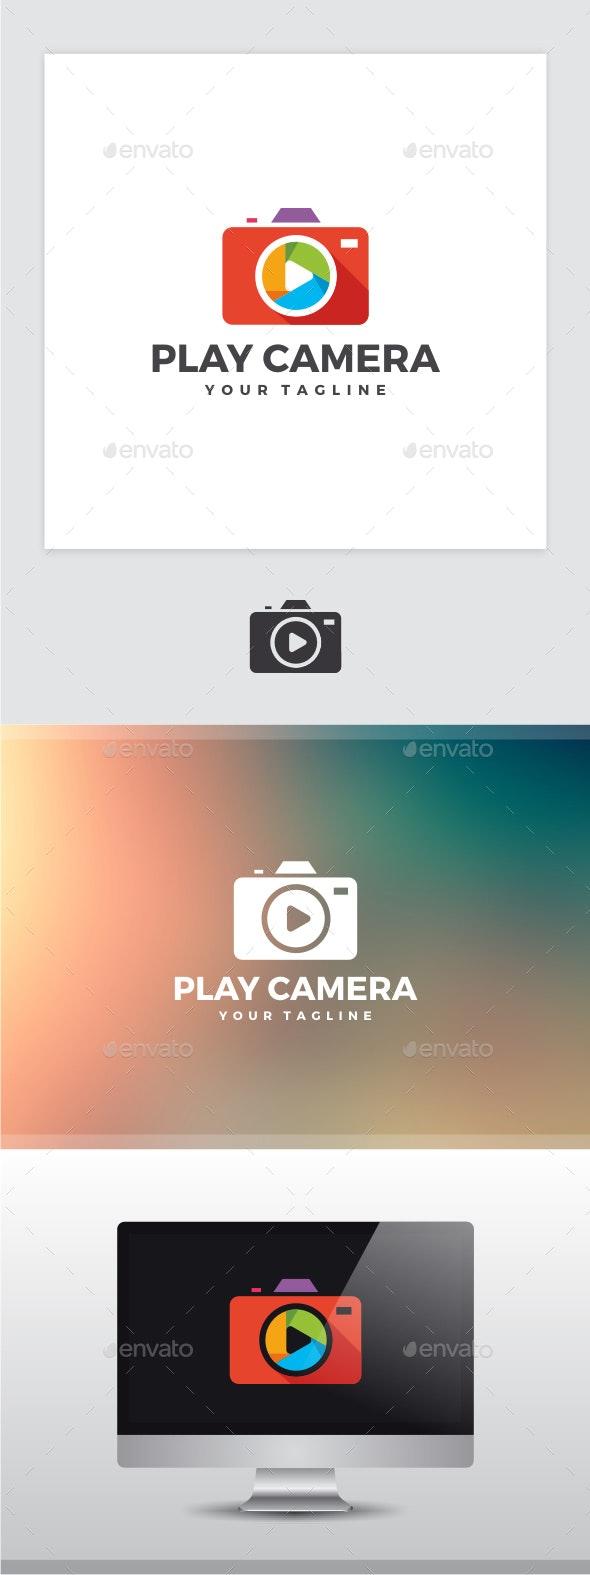 Play Camera Logo